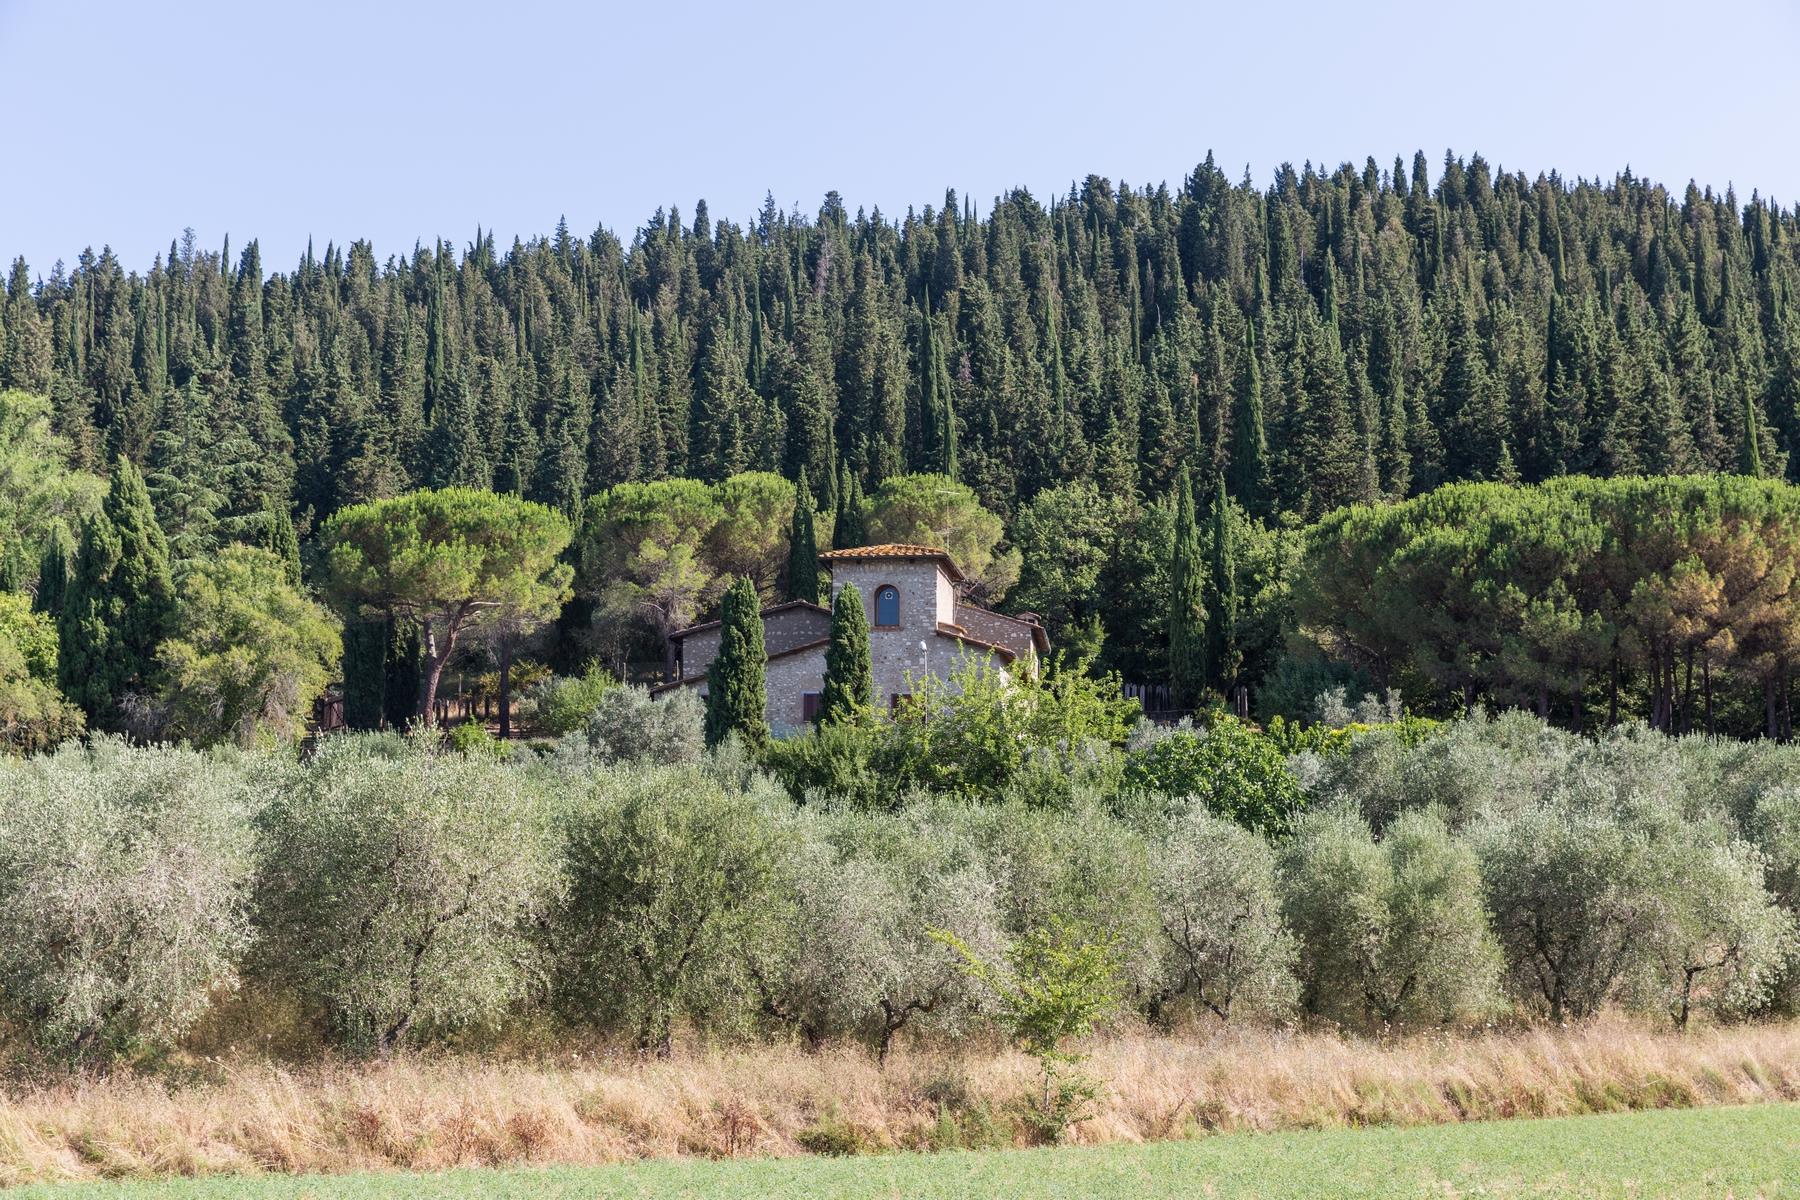 Rustico in Vendita a Calenzano: 5 locali, 800 mq - Foto 10